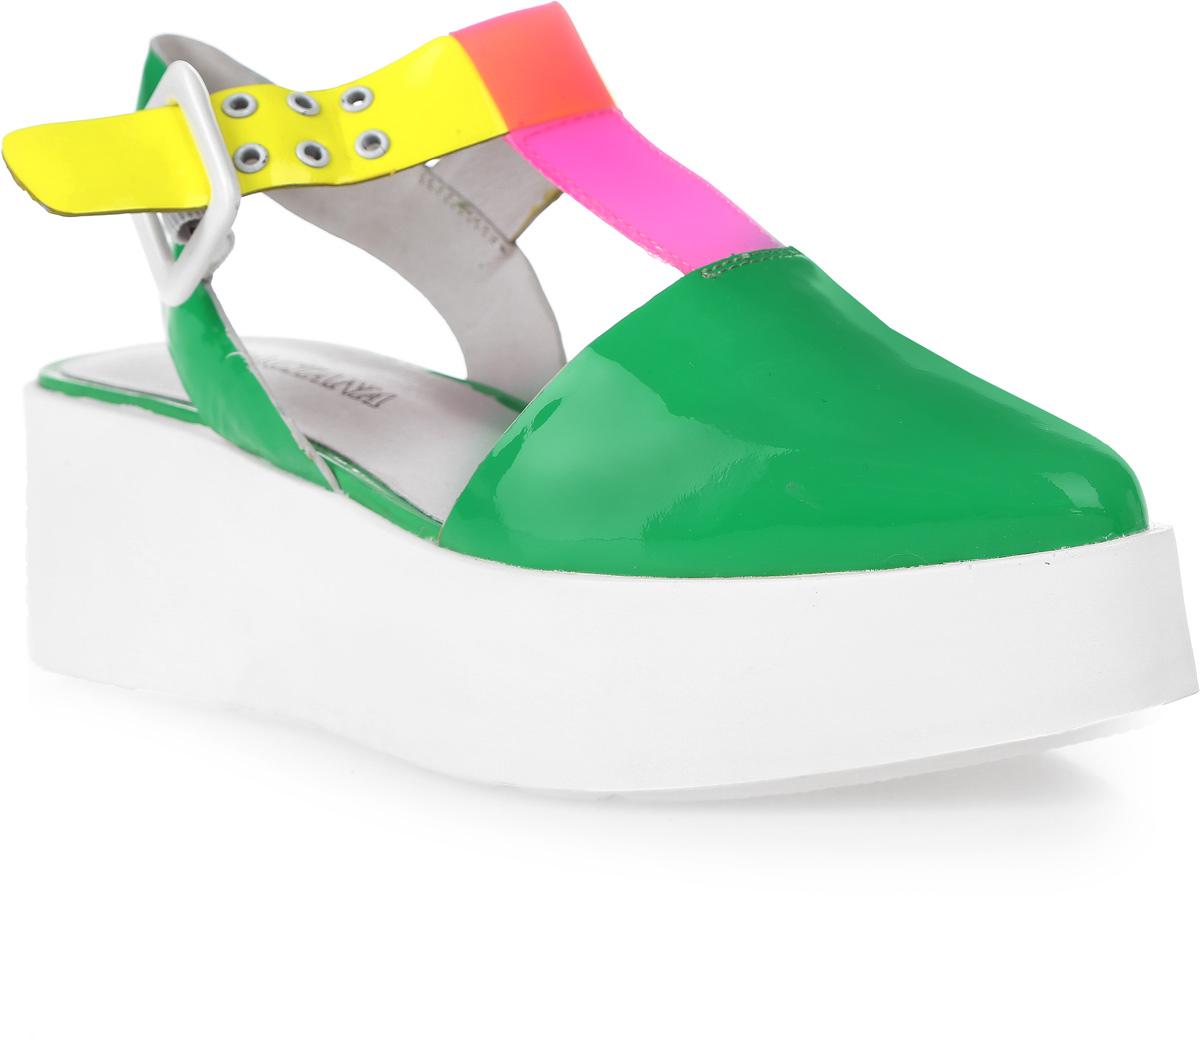 Босоножки женские Graciana, цвет: зеленый, желтый. V135-S73-1. Размер 38V135-S73-1Женские босоножки от Graciana с закрытым мыском на платформе выполнены из натуральной кожи. Модель фиксируется на ноге при помощи ремешка на пряжке. Подкладка, изготовленная из натуральной кожи, обладает хорошей влаговпитываемостью и естественной воздухопроницаемостью. Стелька из натуральной кожи гарантирует комфорт и удобство стопам. Подошва из ТЭП-материала обеспечивает хорошую амортизацию и сцепление с любой поверхностью.